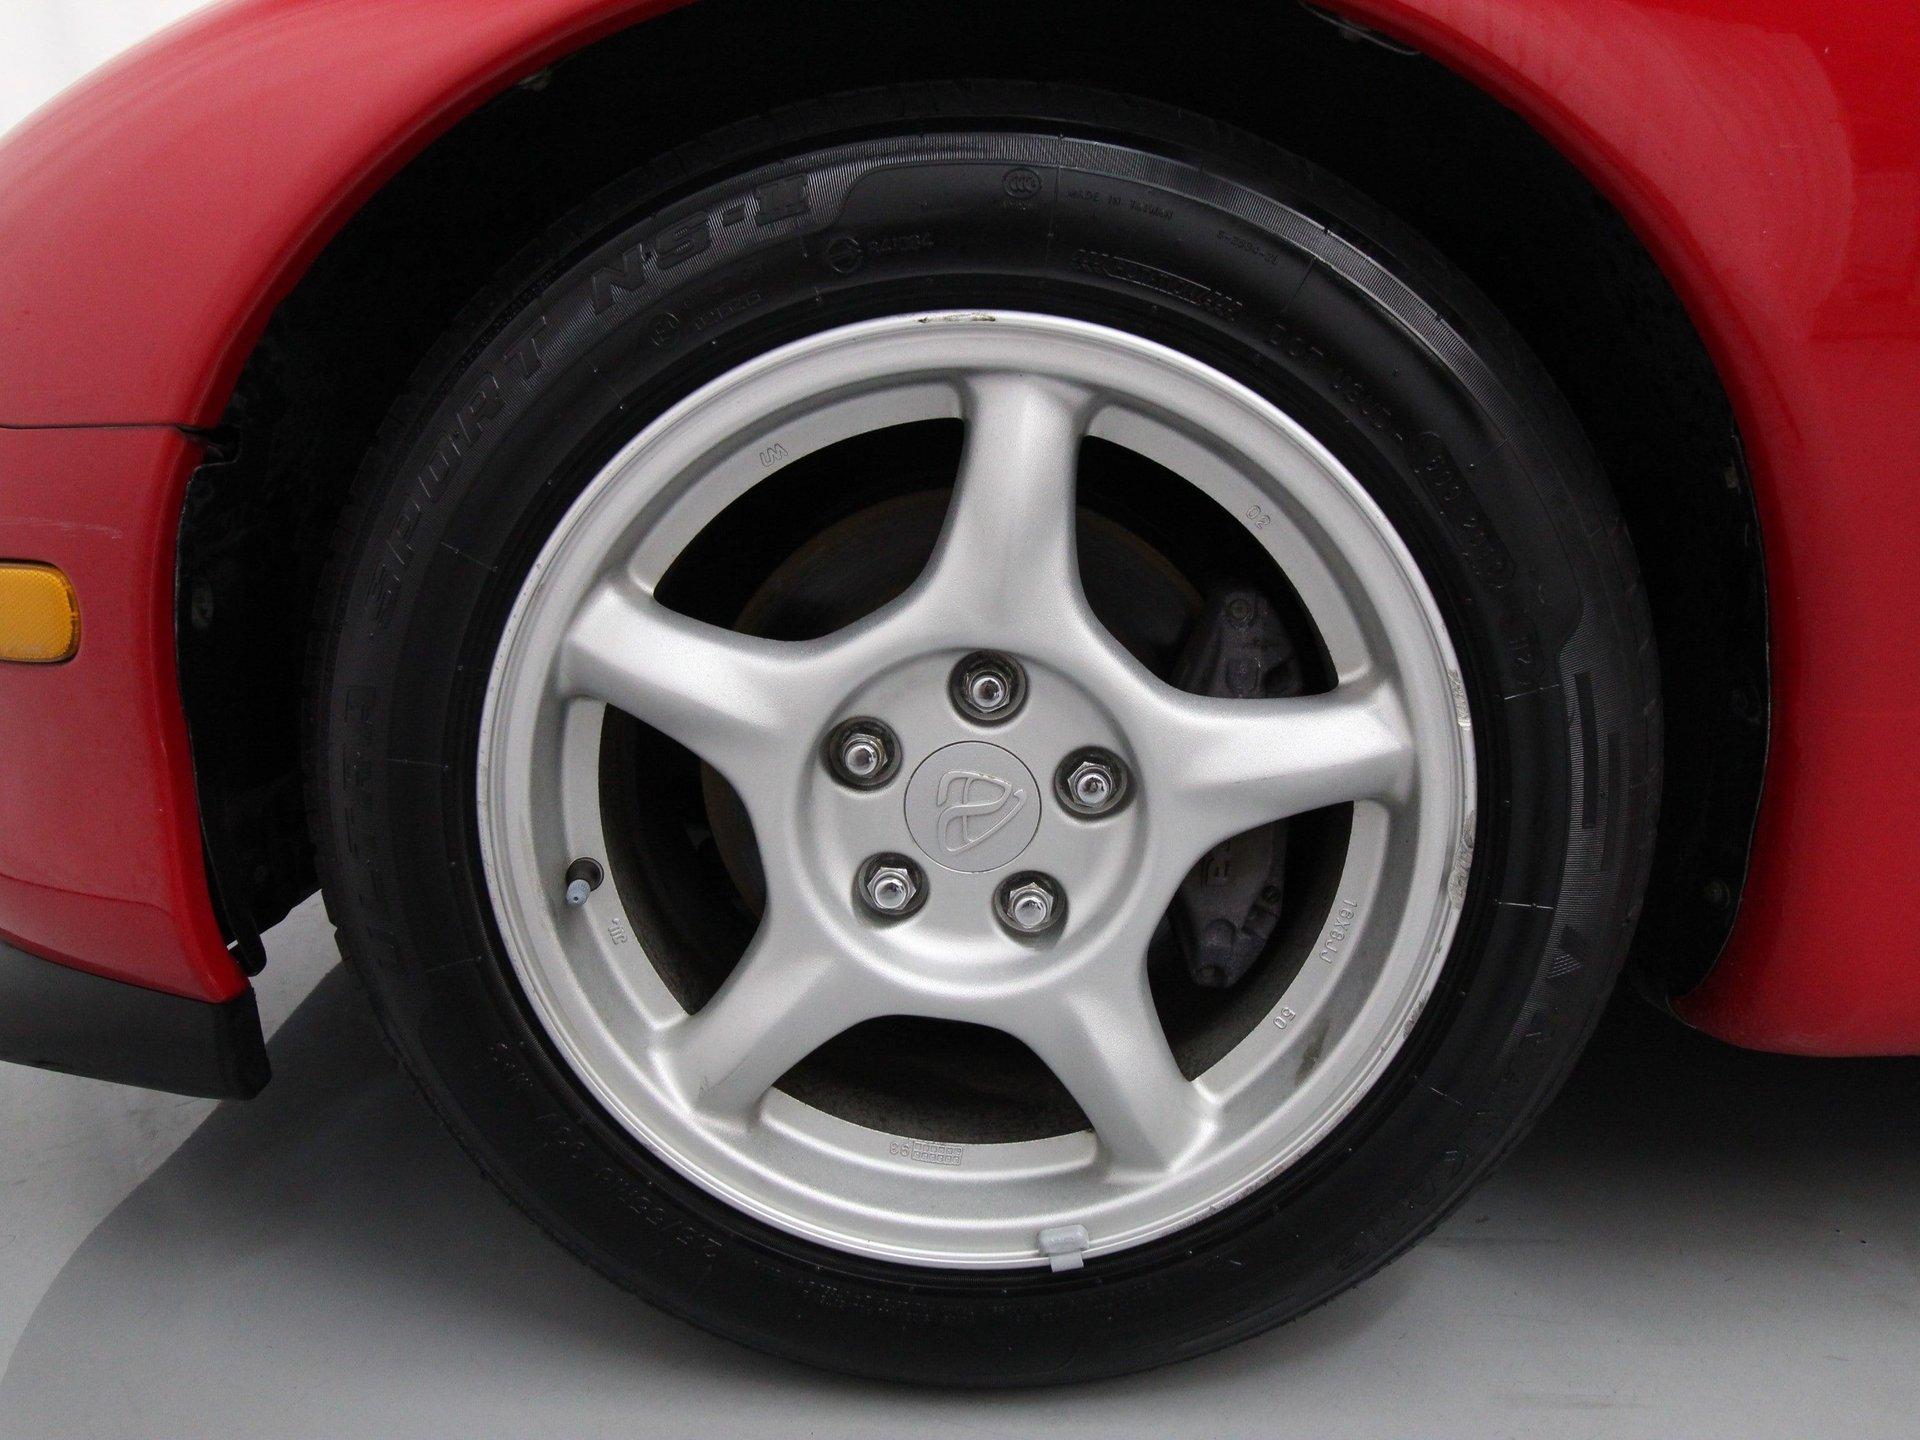 1993 Mazda RX-7